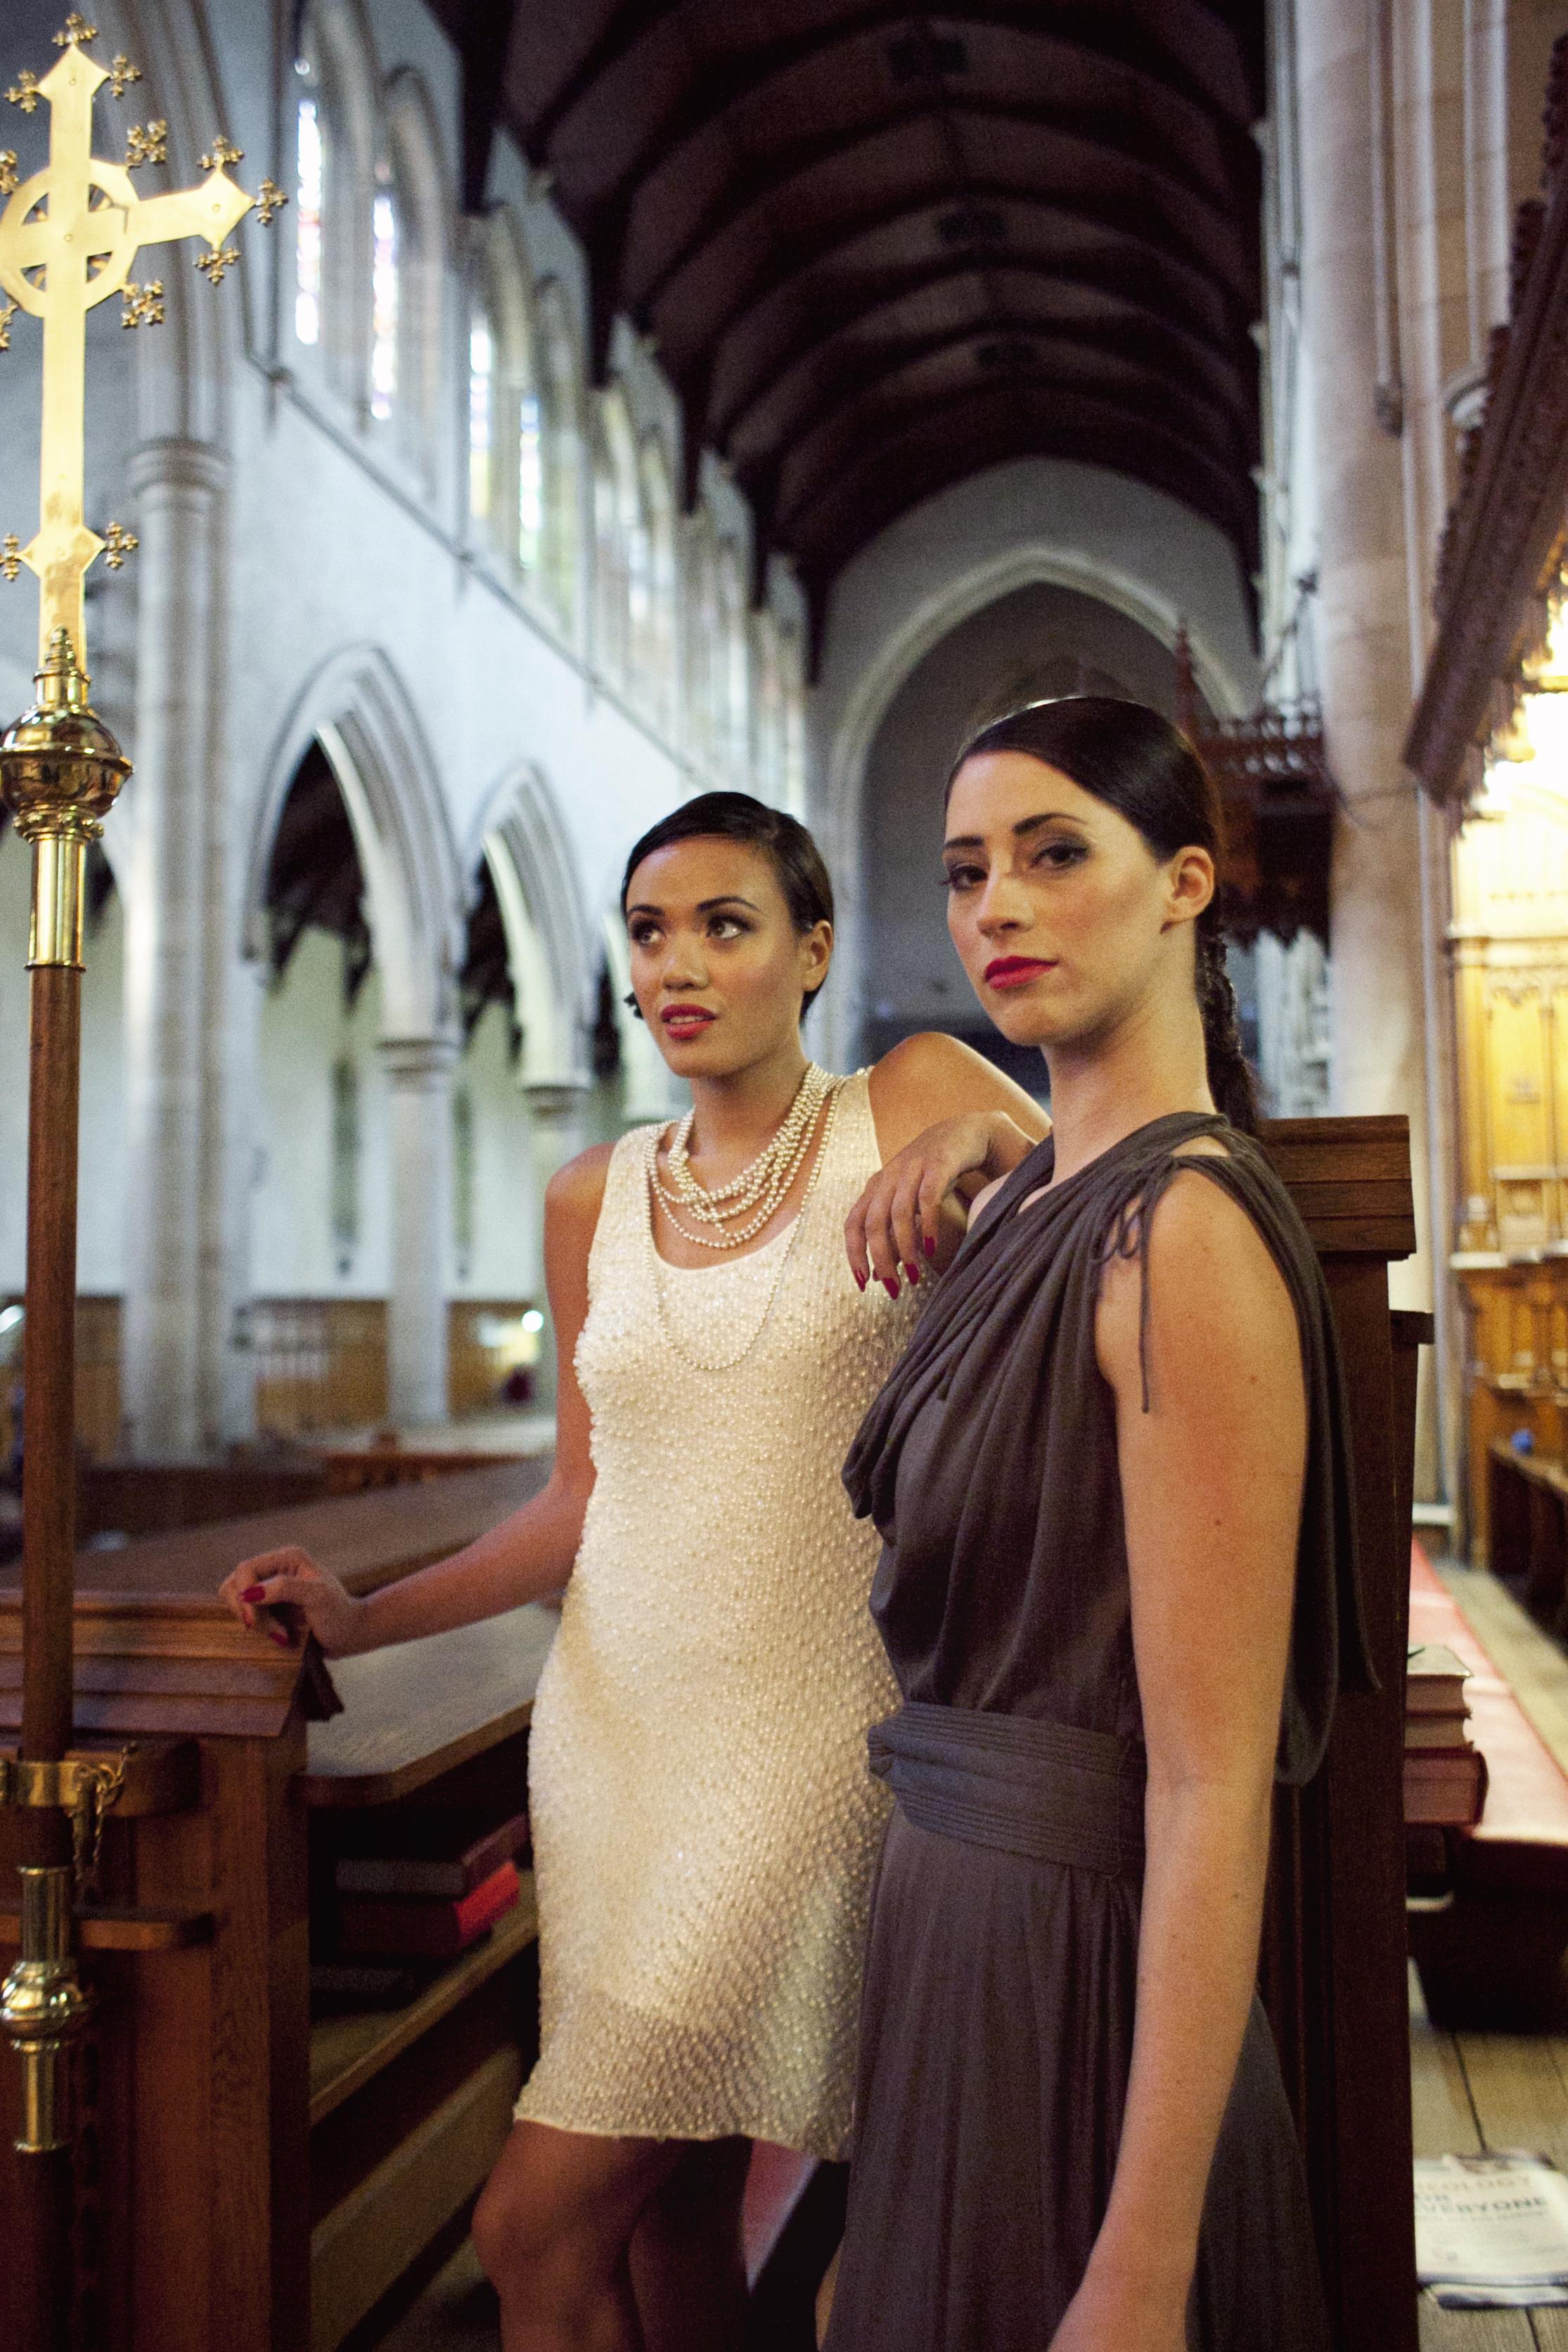 Gina wears vintage dress, pearls | Kristy wears Zac Posen for Target dress